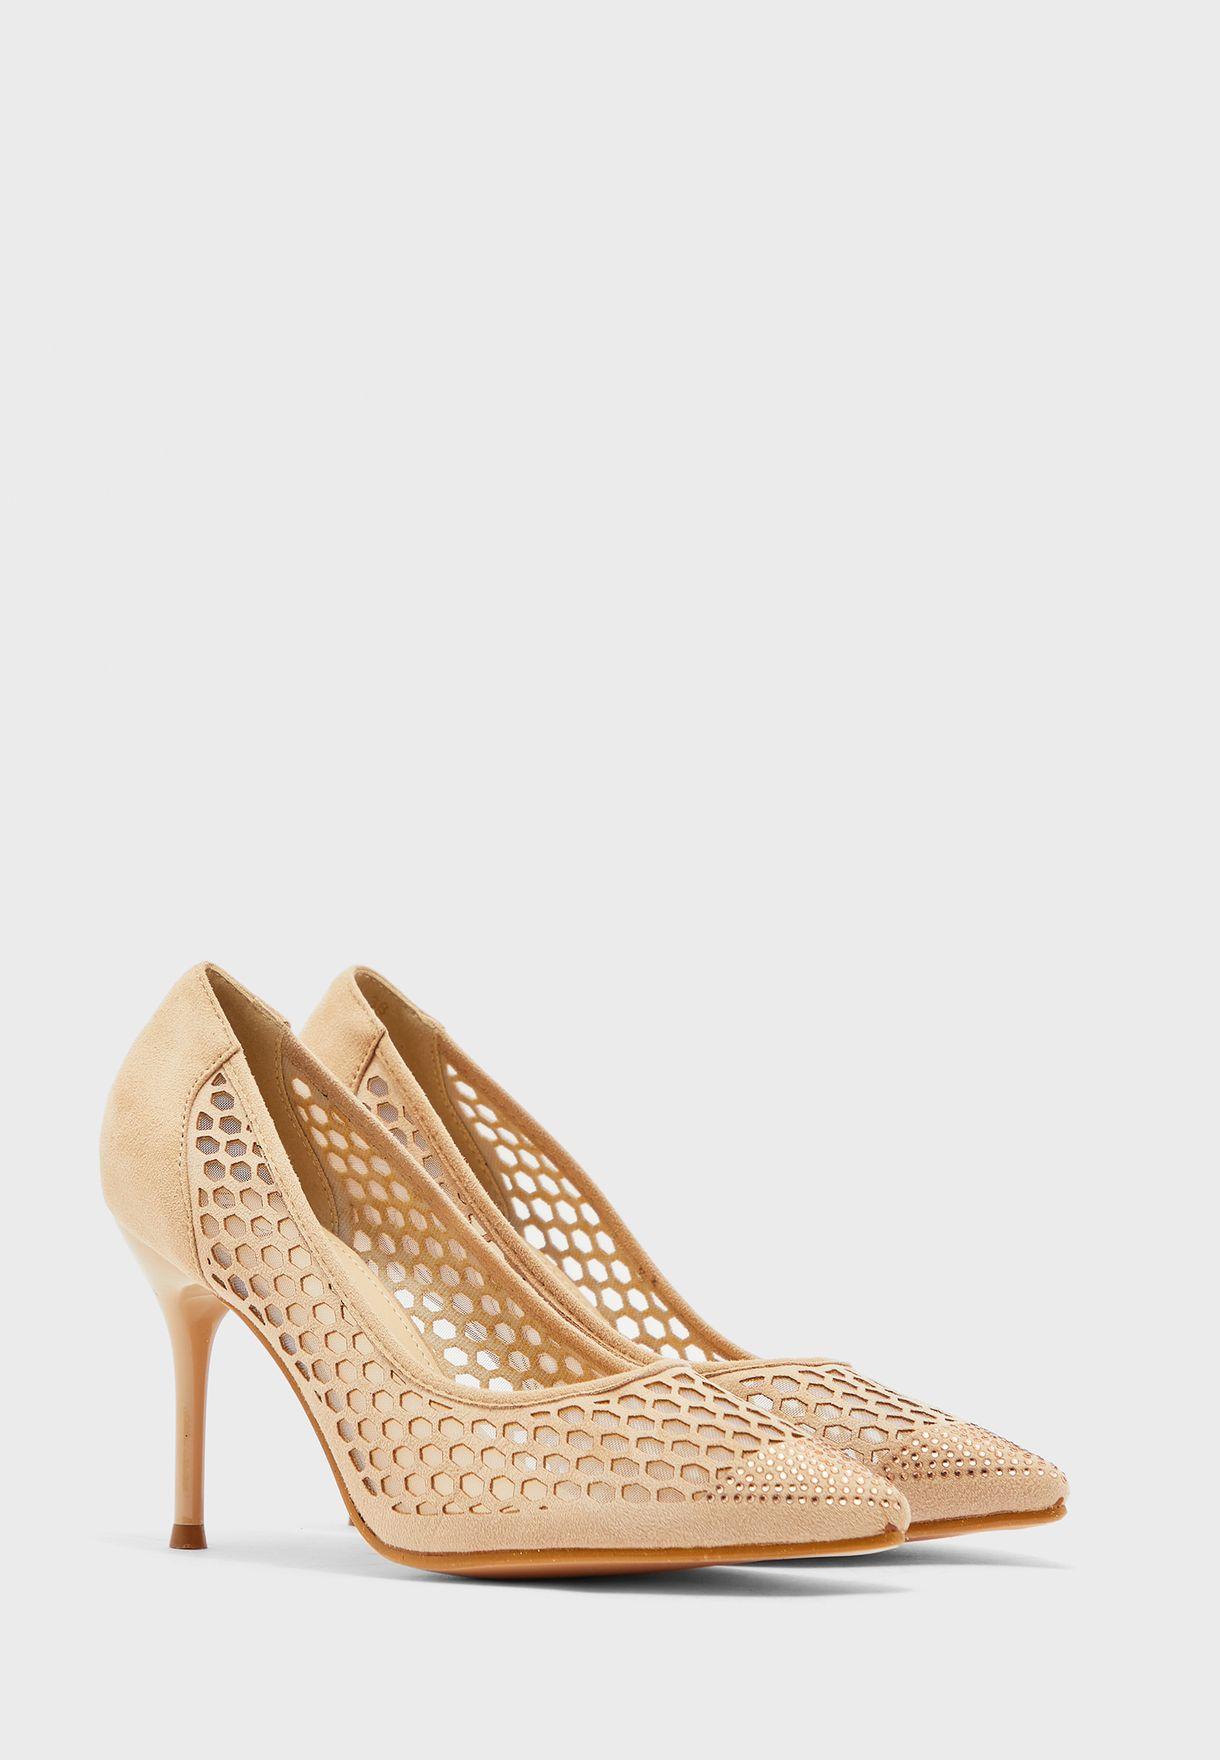 حذاء بمقدمة مدببة ومزين باحجار الراين